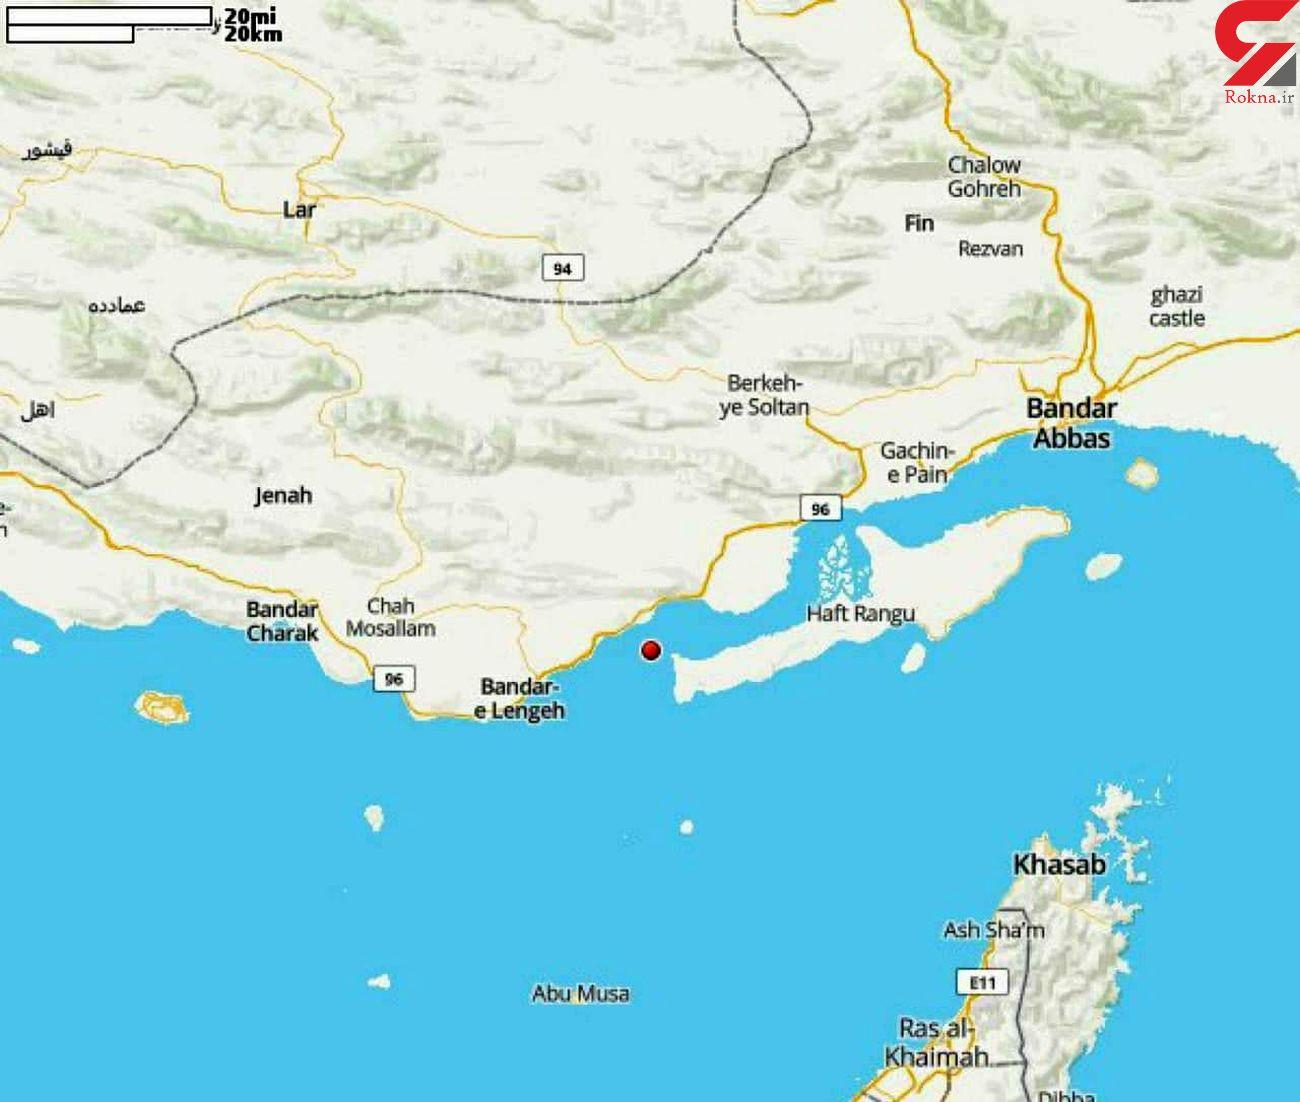 آخرین خبر از زلزله جنوب کشور